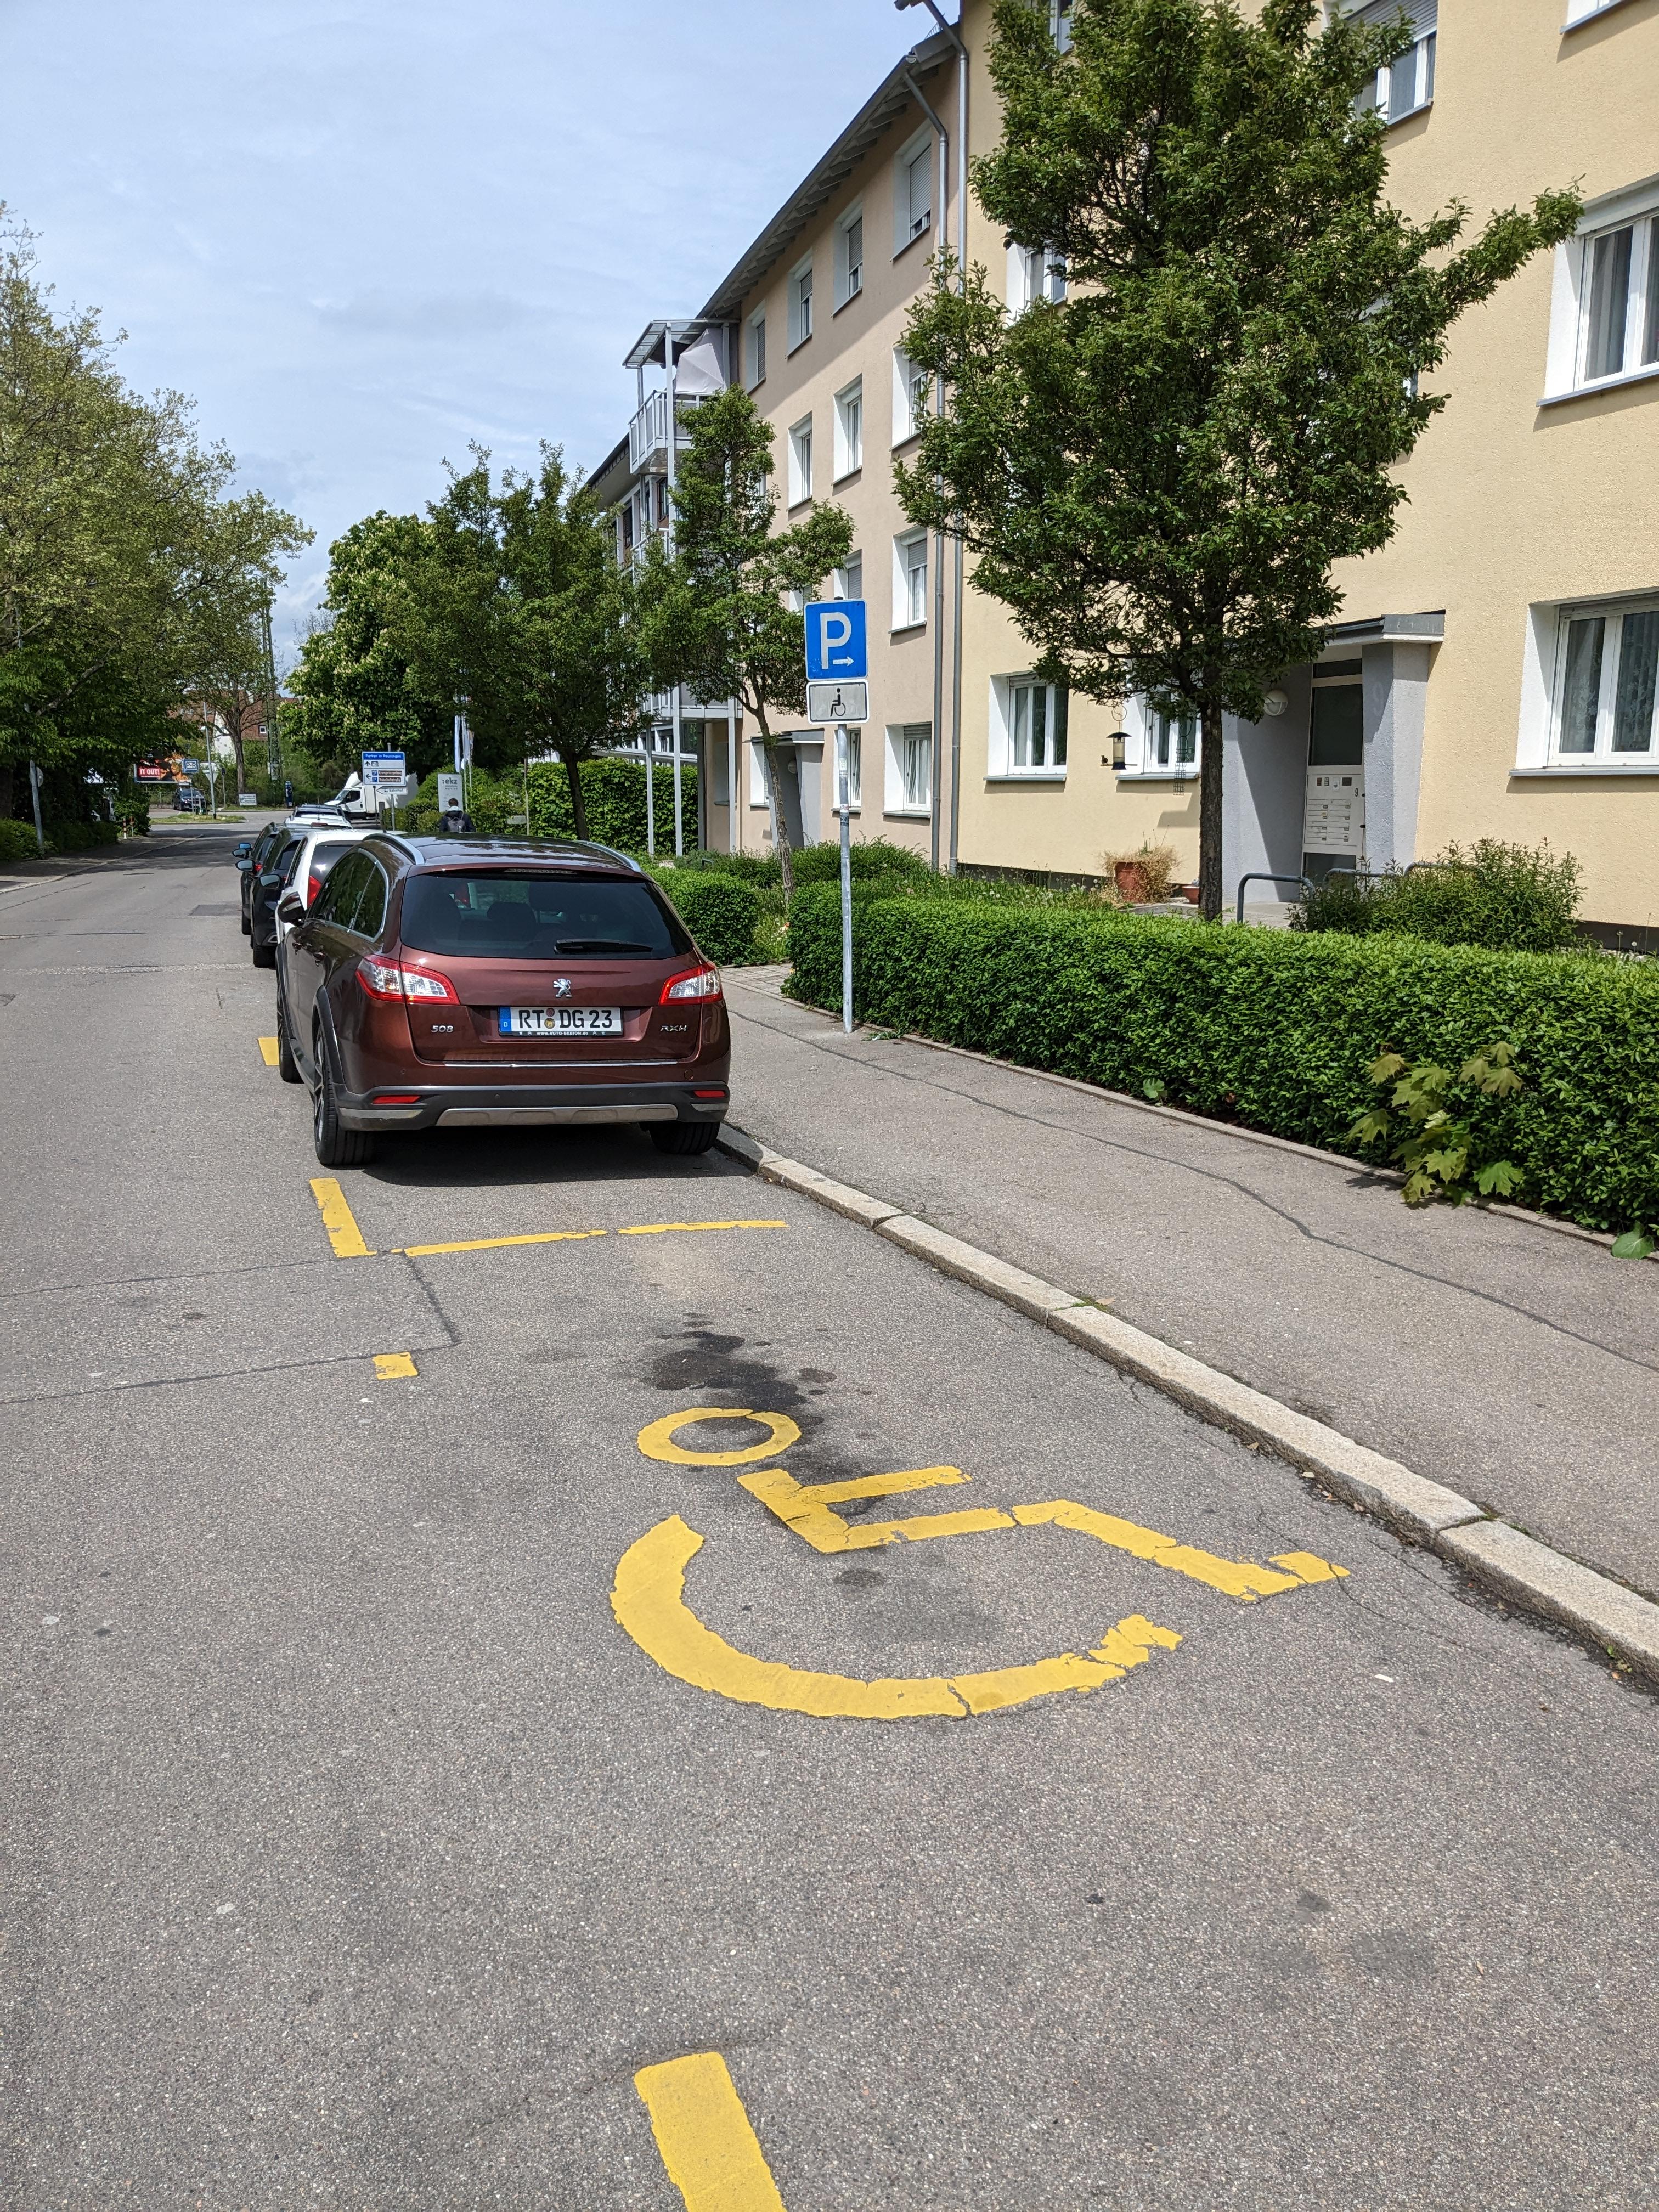 2 Behindertenparkplätze in der Bismarckstraße